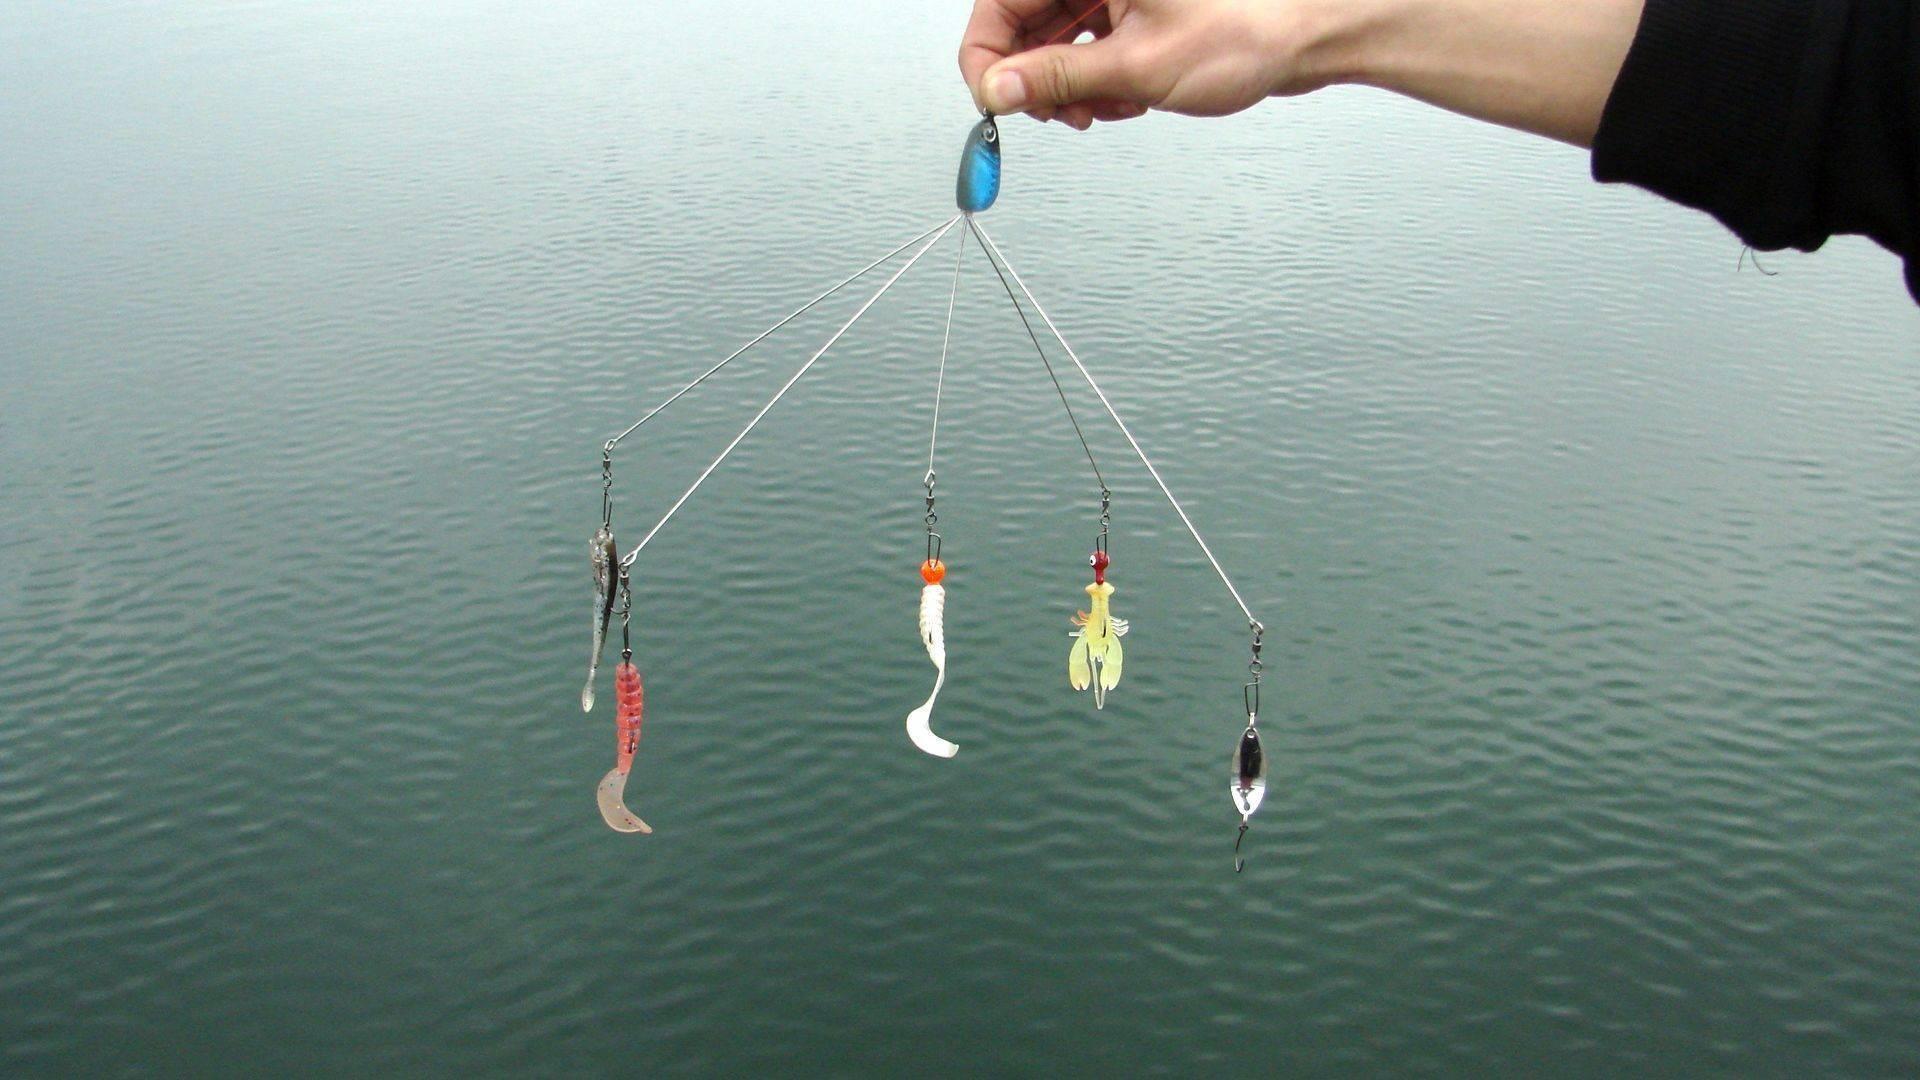 Как поймать рыбу без удочки: проверенные способы ловли